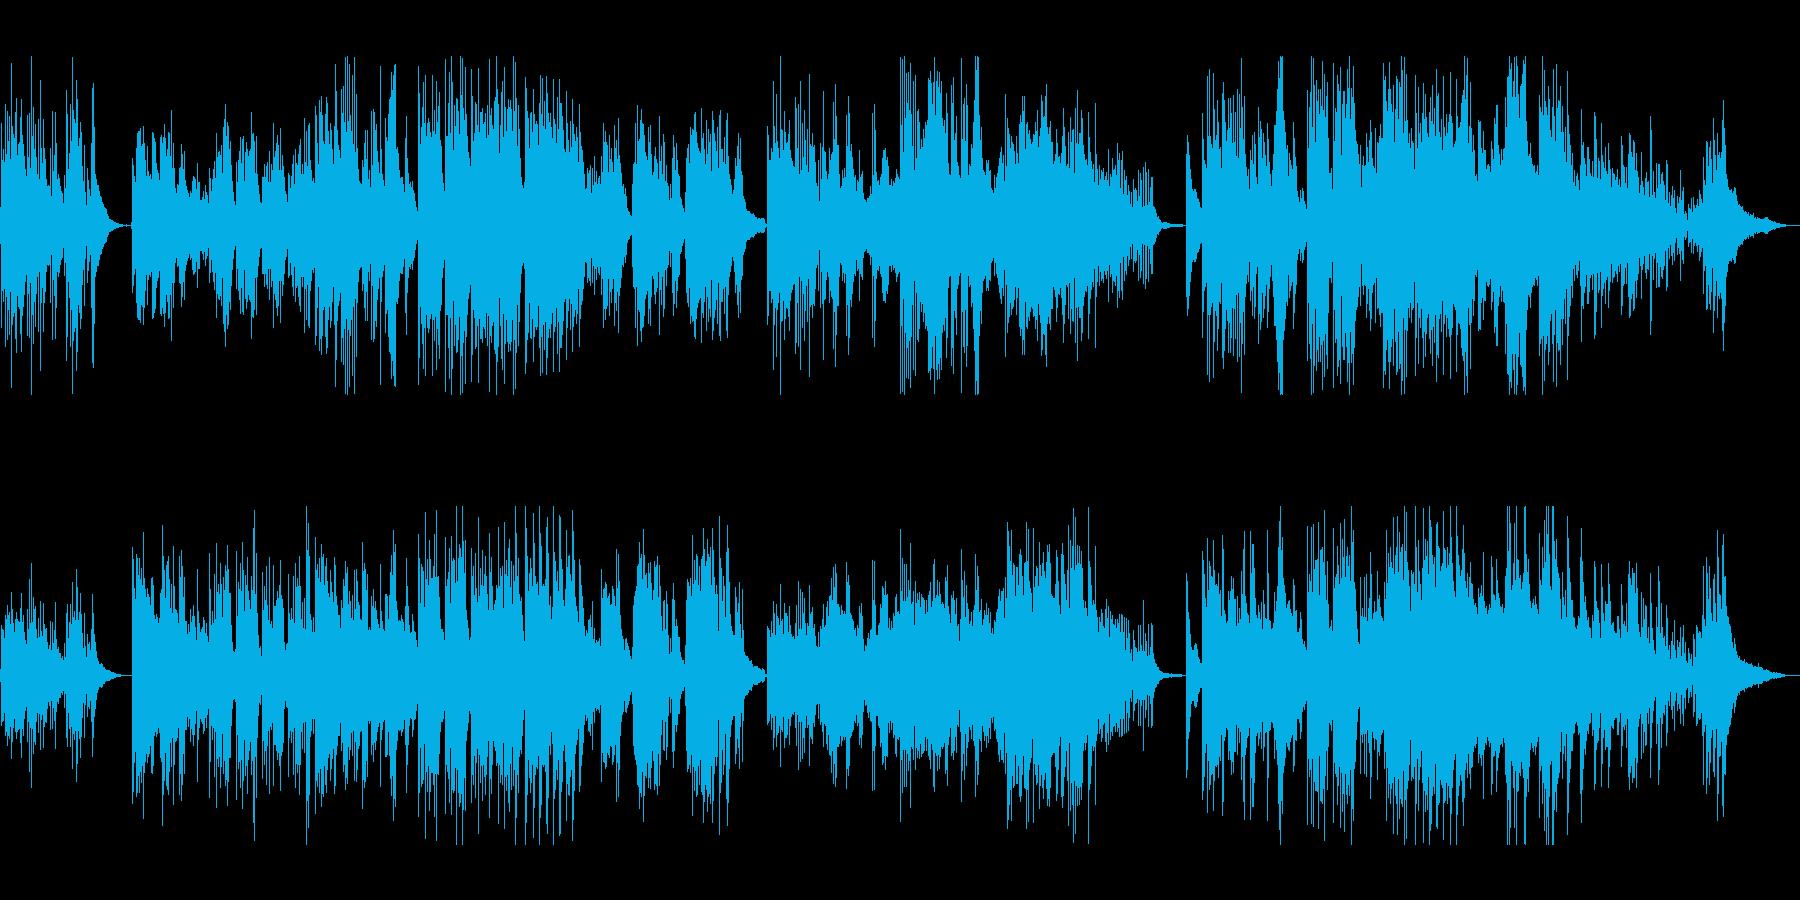 ピアノとギターによるクラシカルなワルツの再生済みの波形